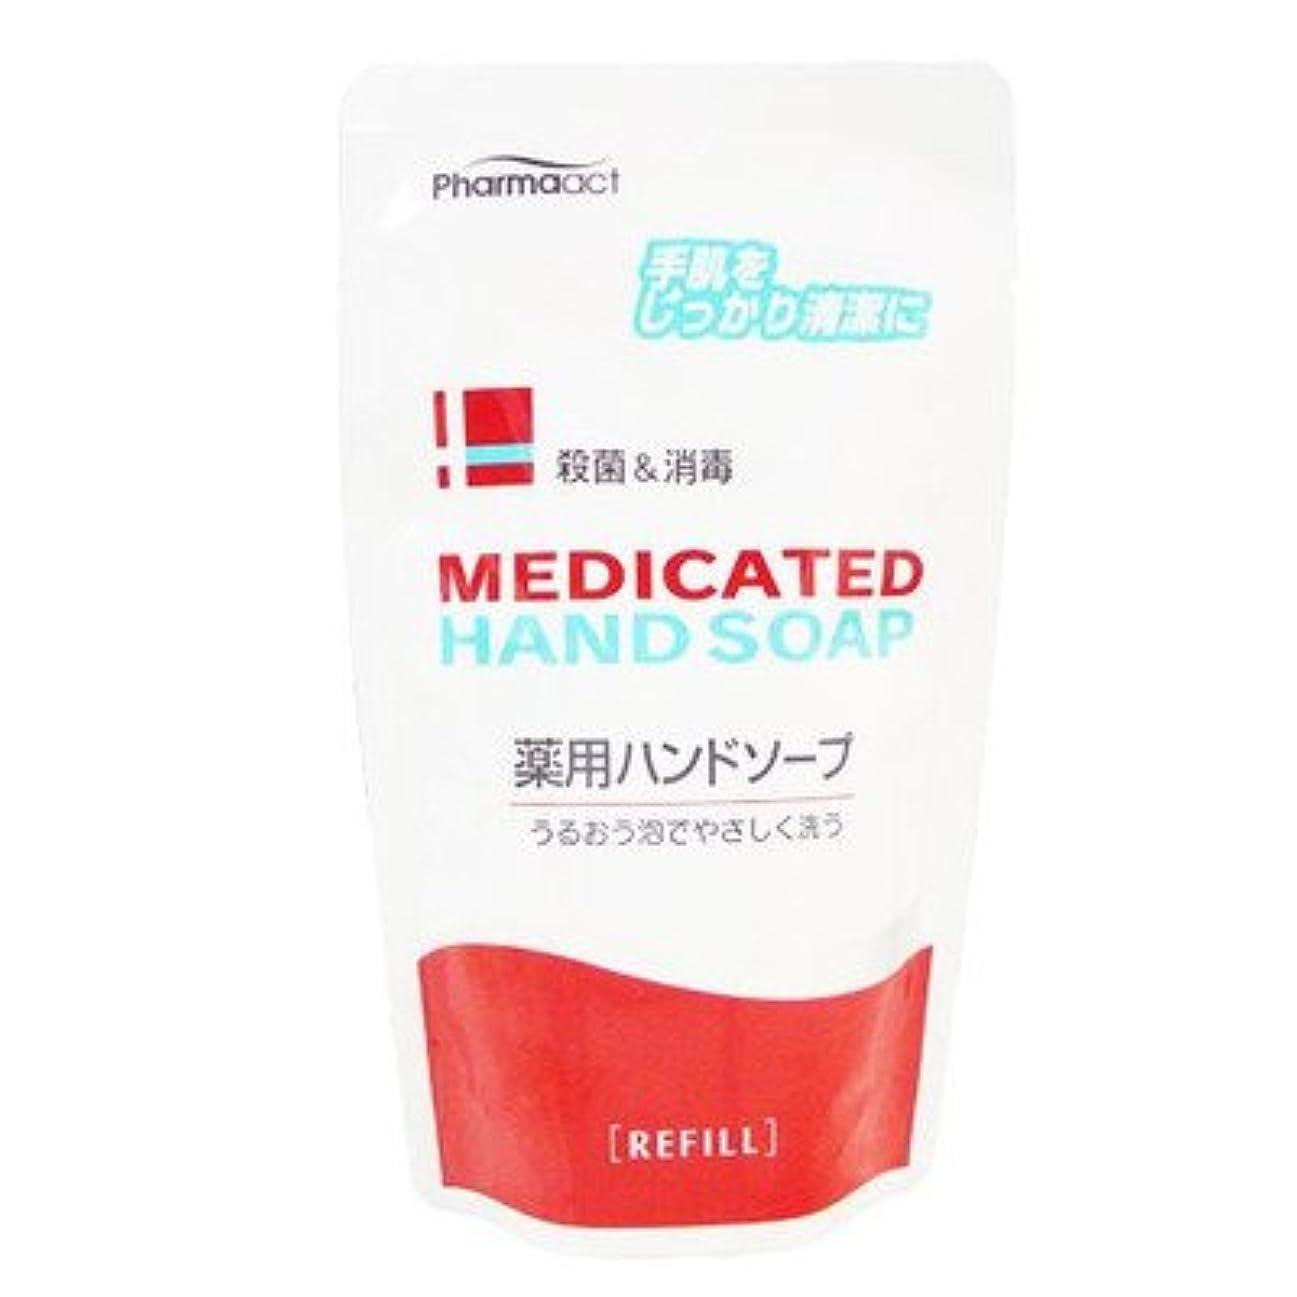 スポーツをする流行しているみなさんMedicated 薬用ハンドソープ 殺菌+消毒 200ml【つめかえ用】(医薬部外品)